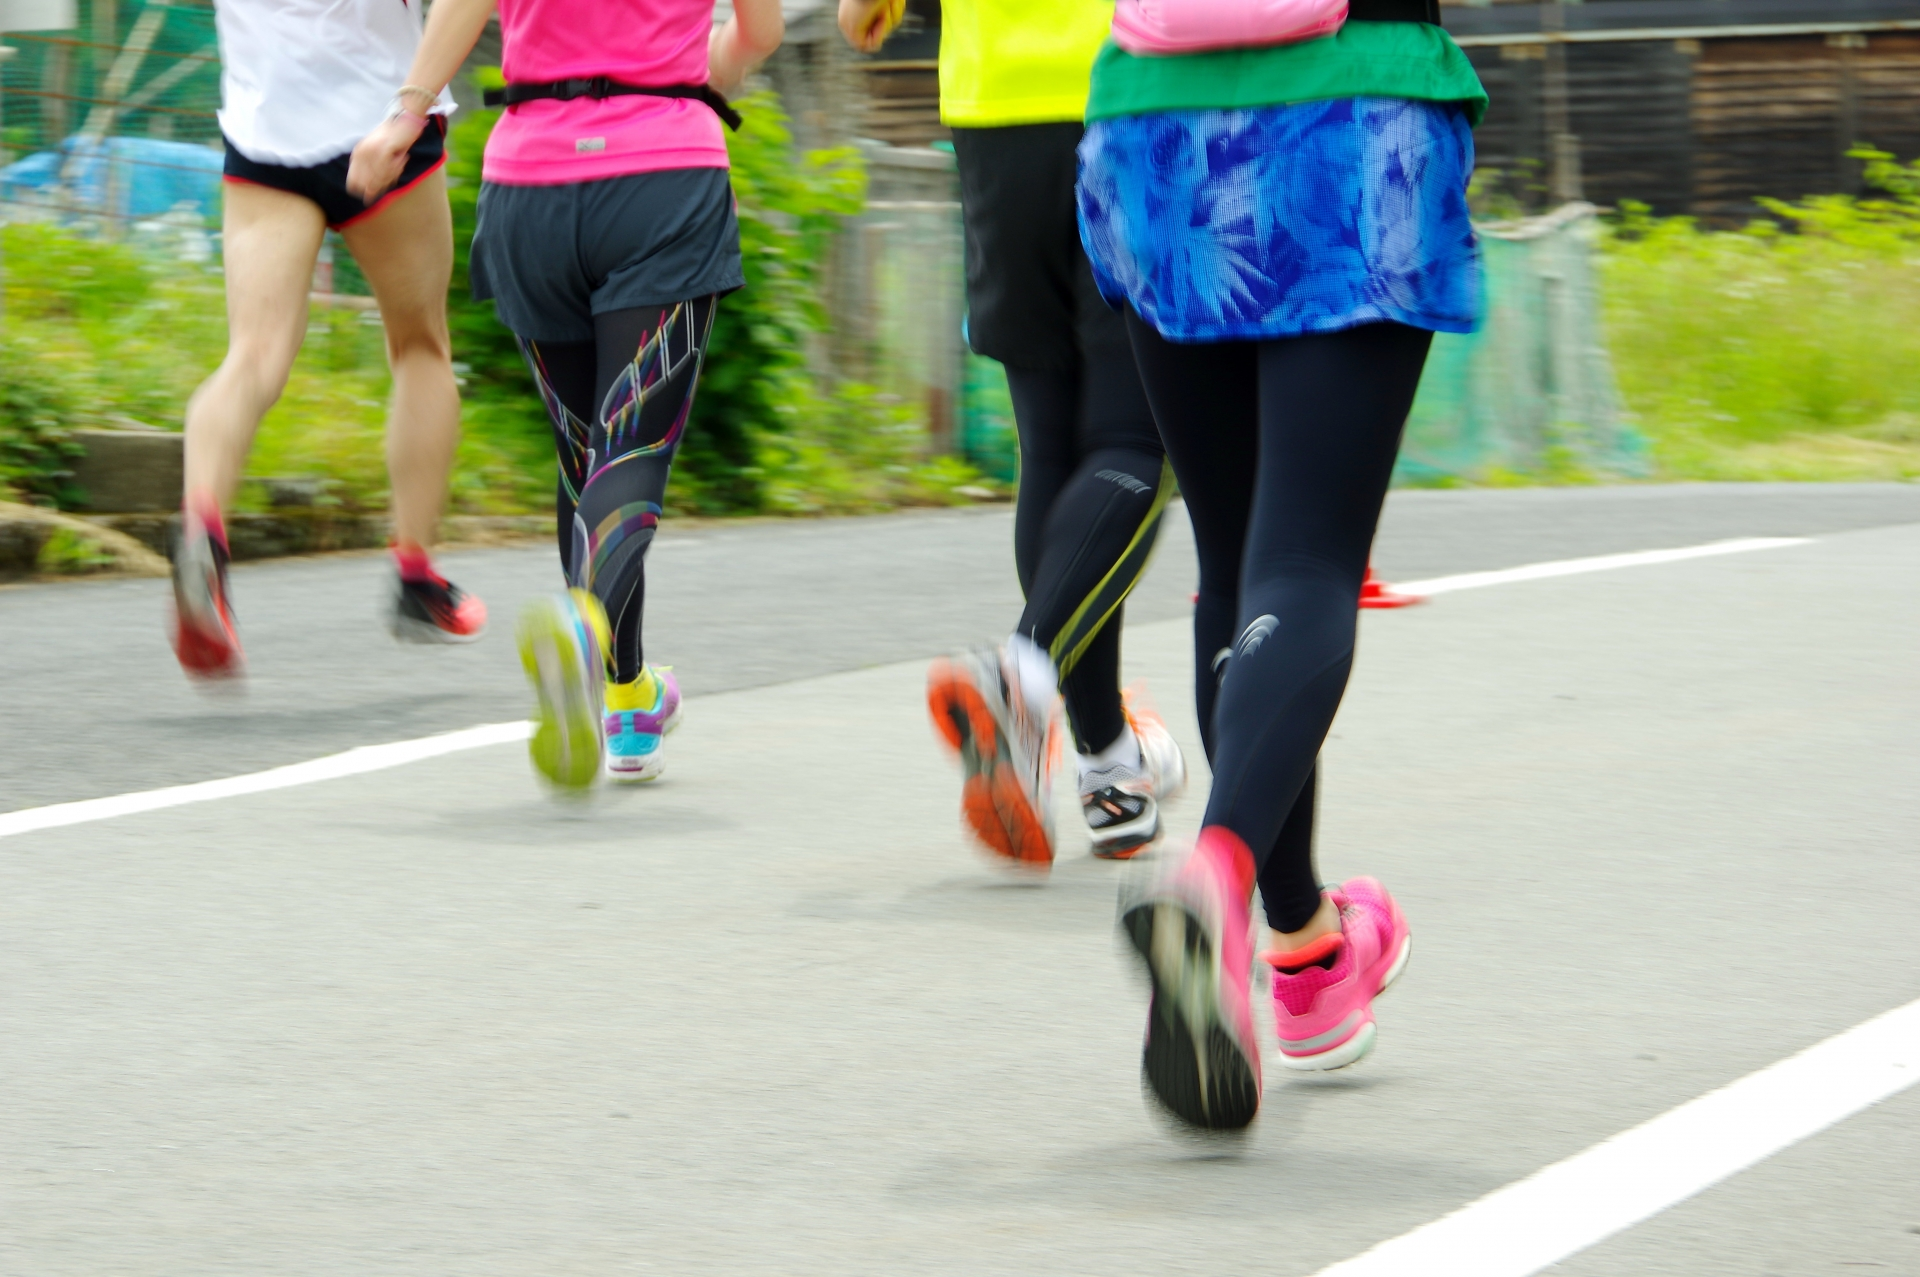 果糖はマラソンに最適